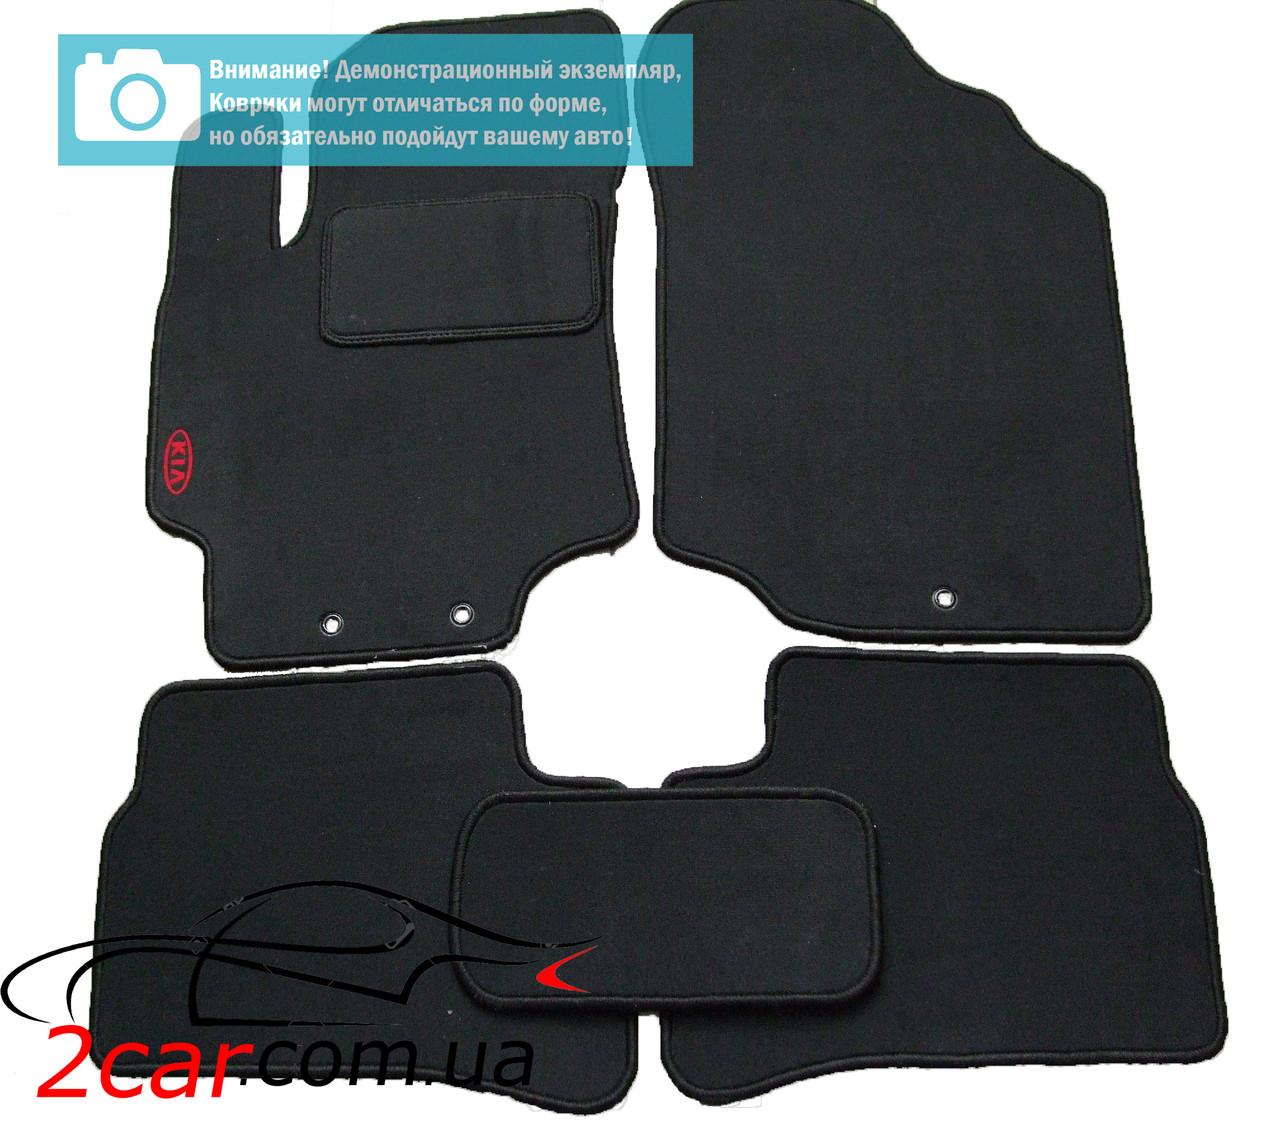 Текстильные коврики в салон для Mazda 6 (2013-) (серые) (StingrayUA)